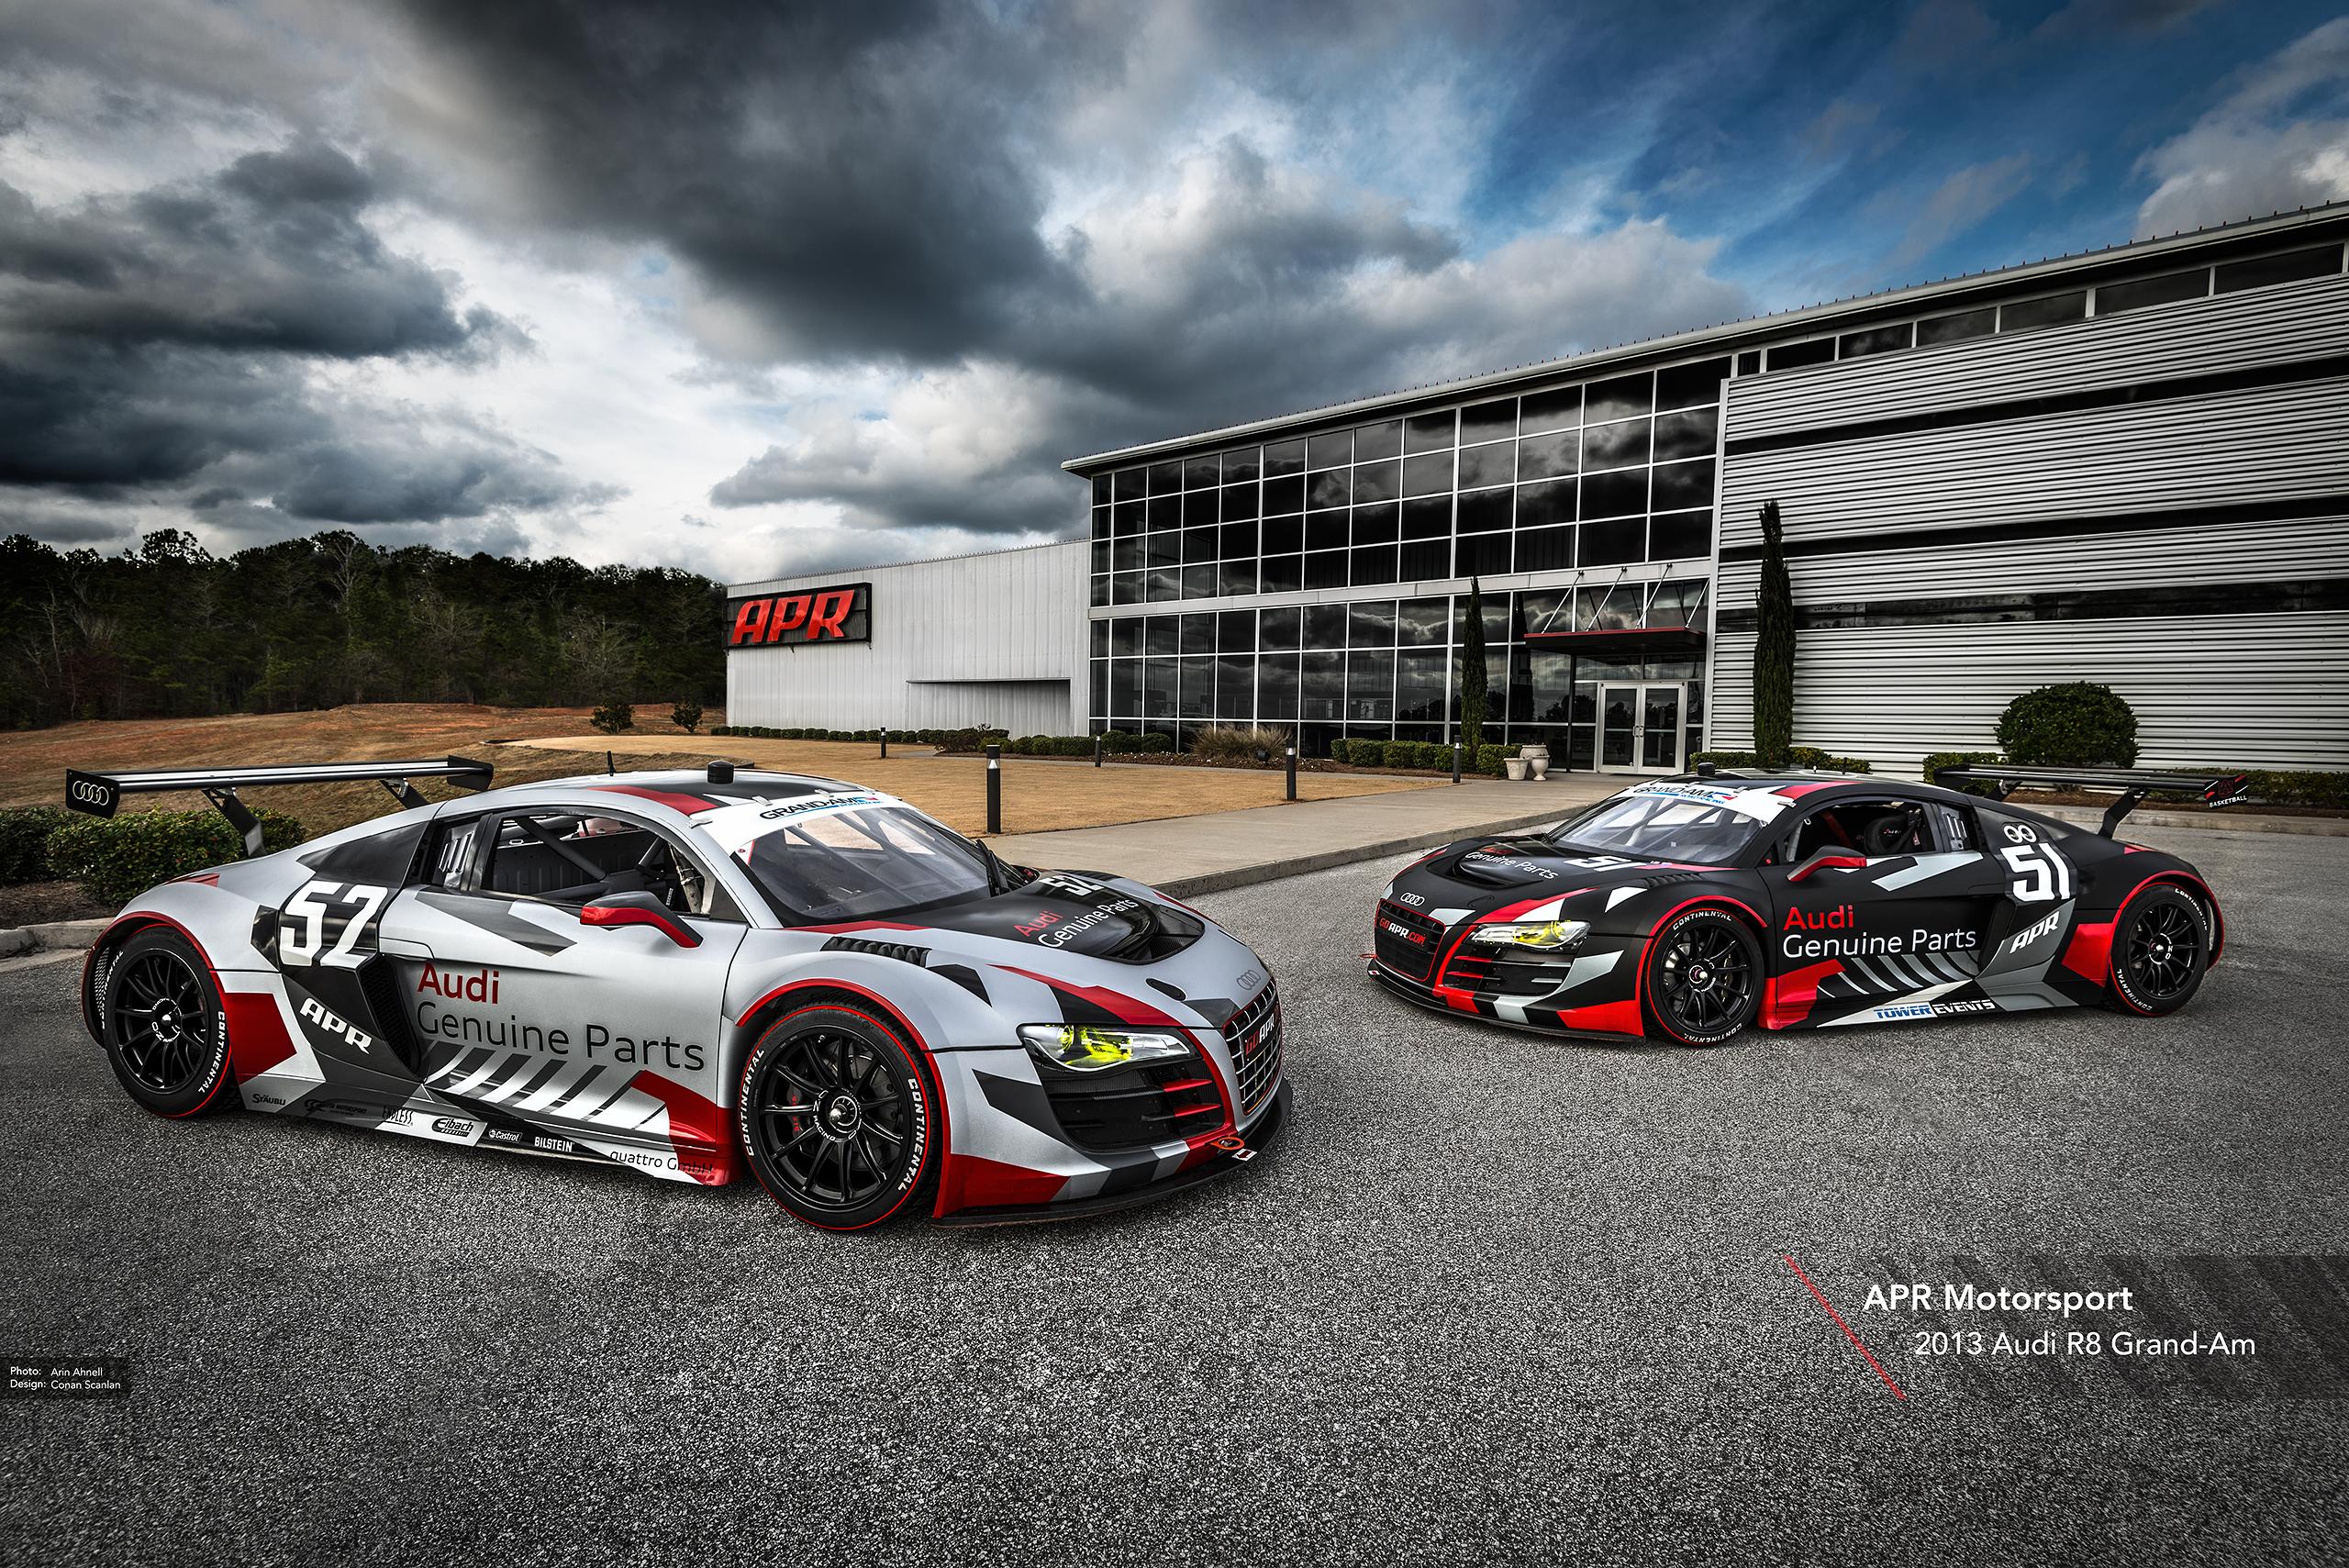 APR Motorsport 2013 R8 Grand-AM Race Liveries Apr